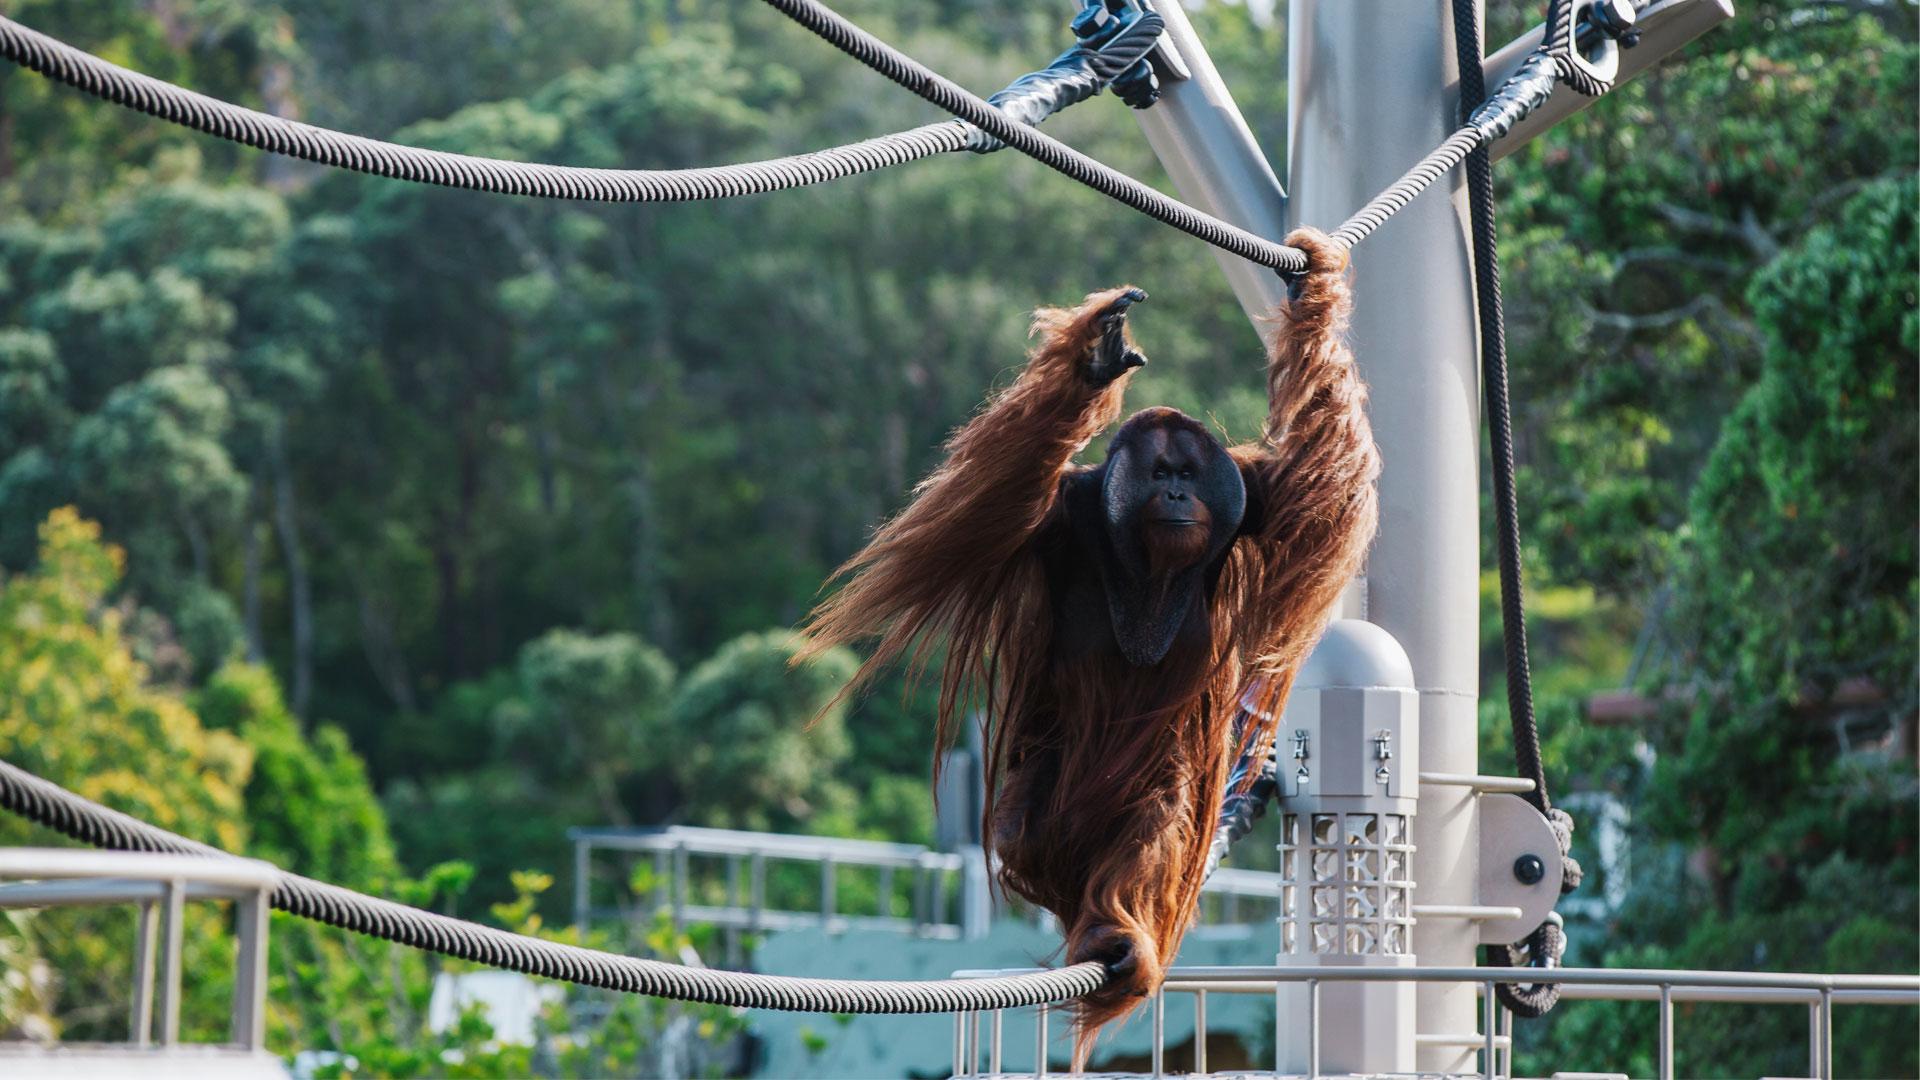 https://rfacdn.nz/zoo/assets/media/orangutan-aerial-pathways-gallery-1.jpg